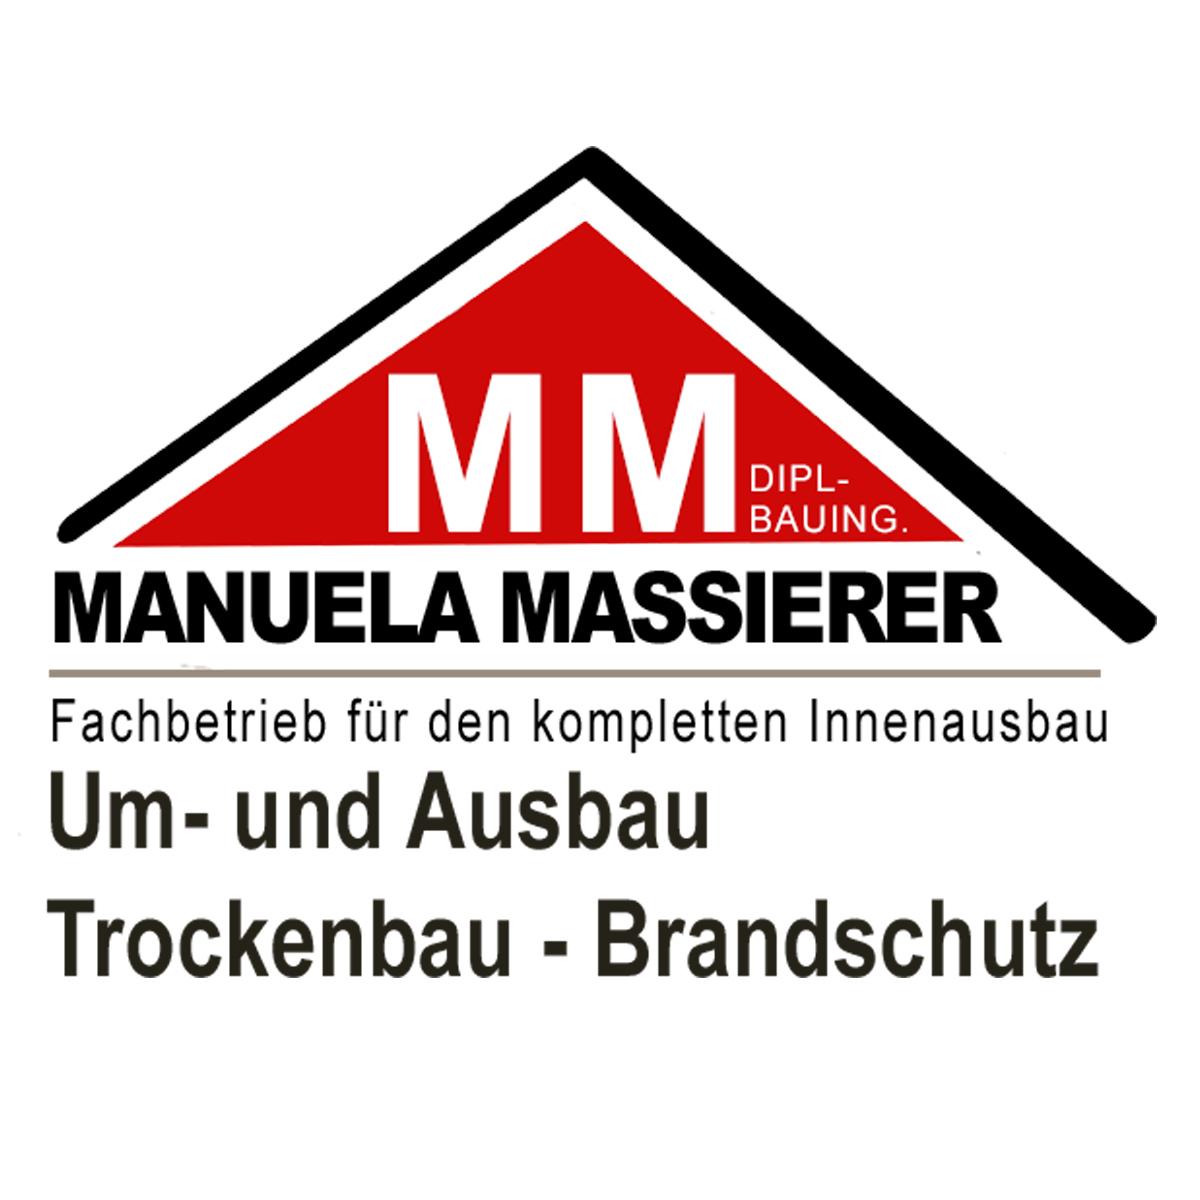 Manuela Massierer Fachbetrieb für den kompletten Innenausbau